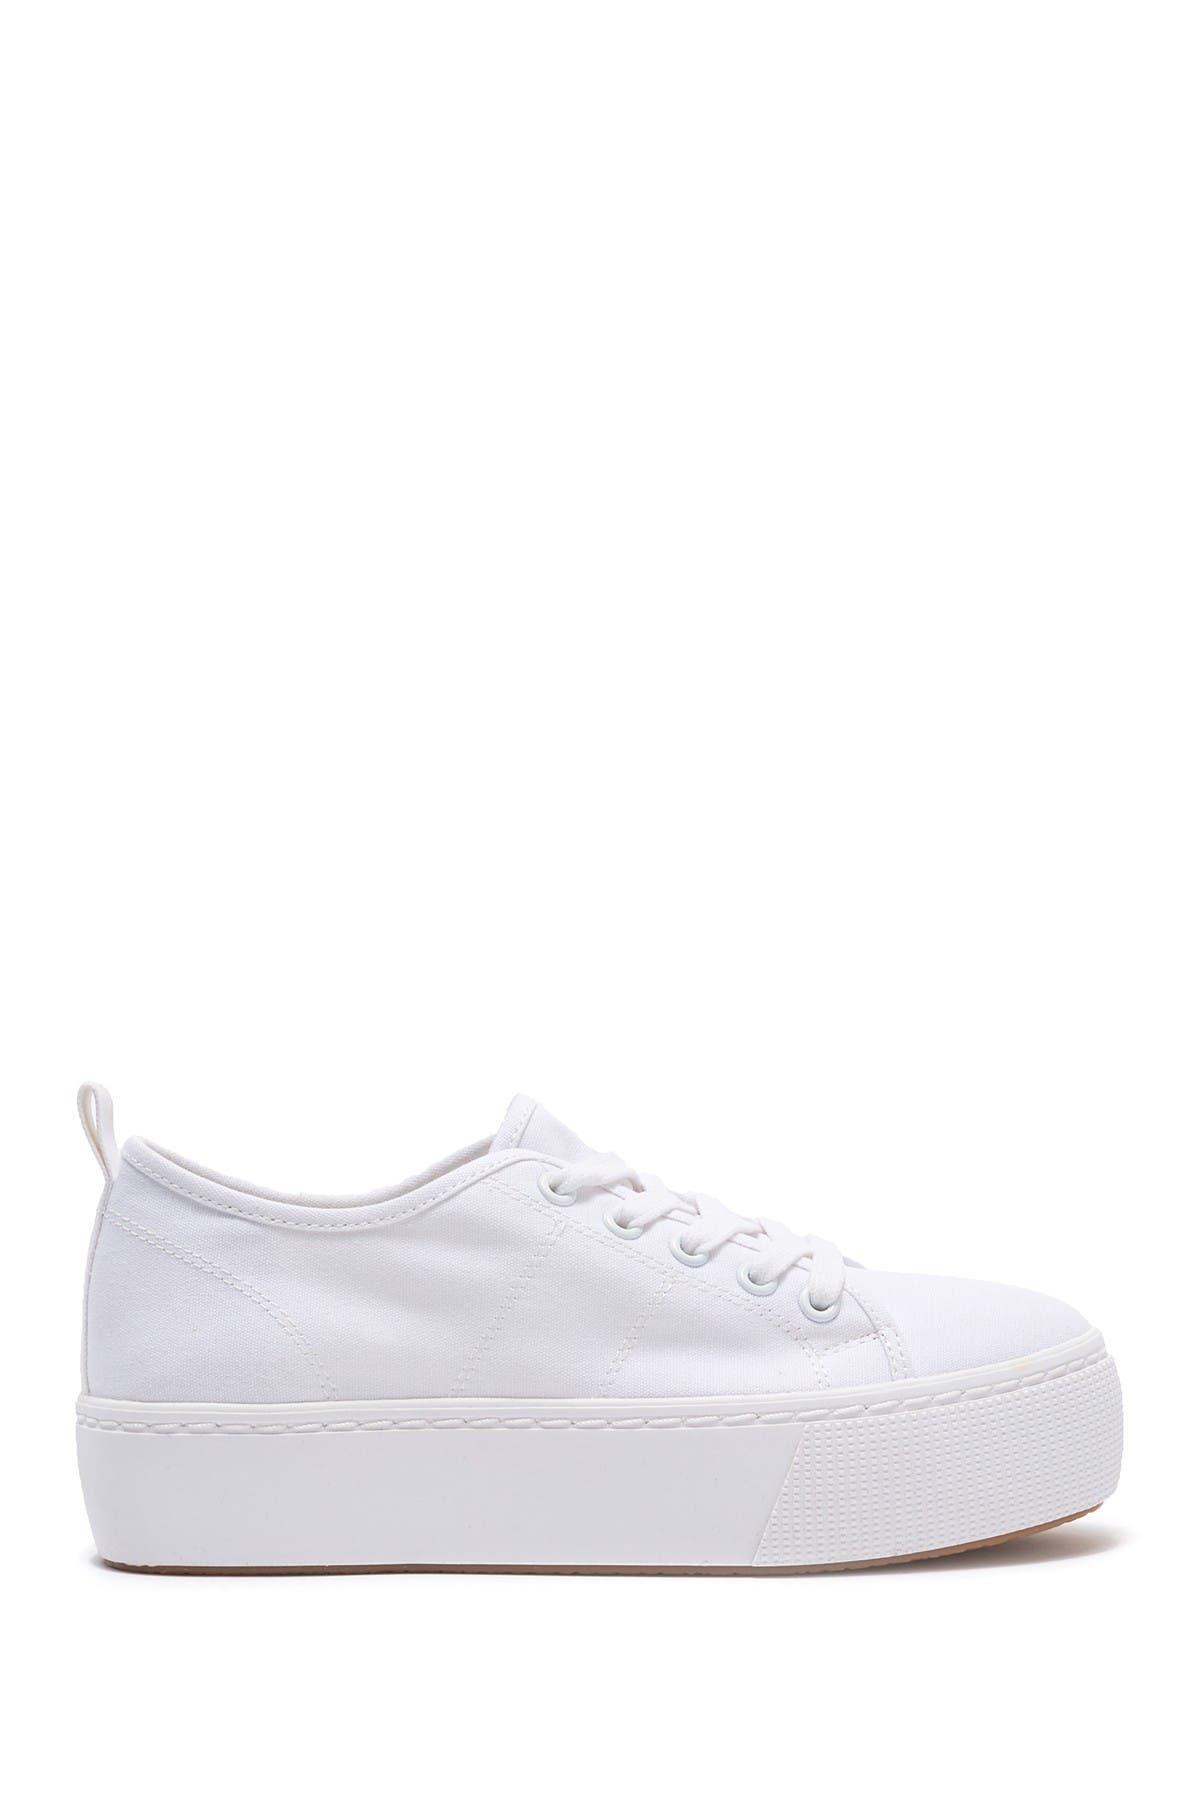 Abound   Neely Platform Sneaker